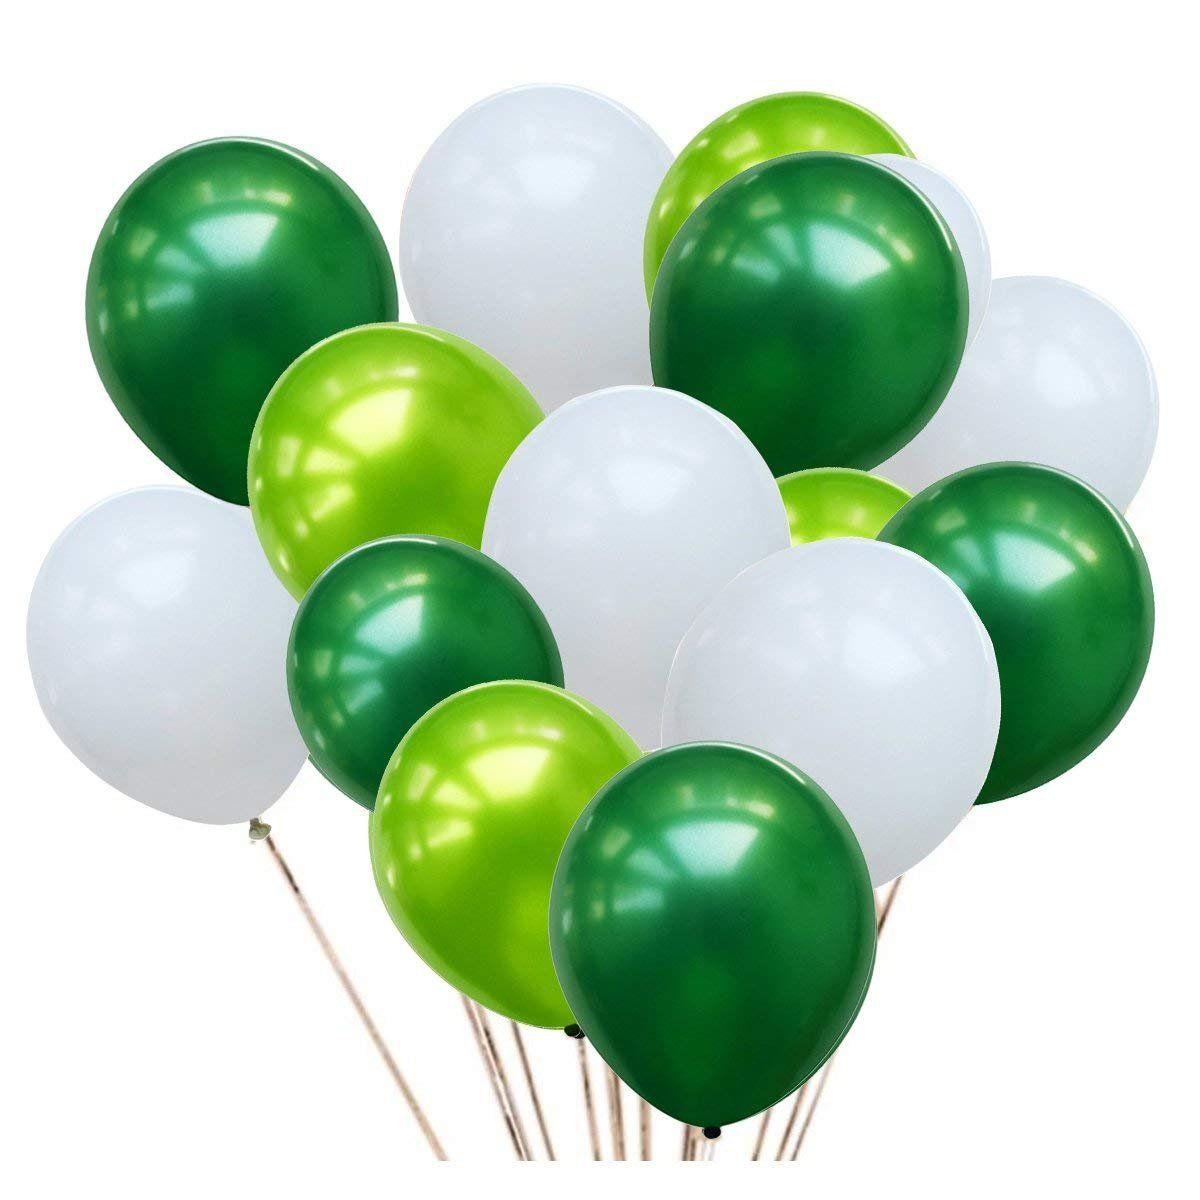 50 Luftballons in verschiedenen Grüntönen Partydeko für